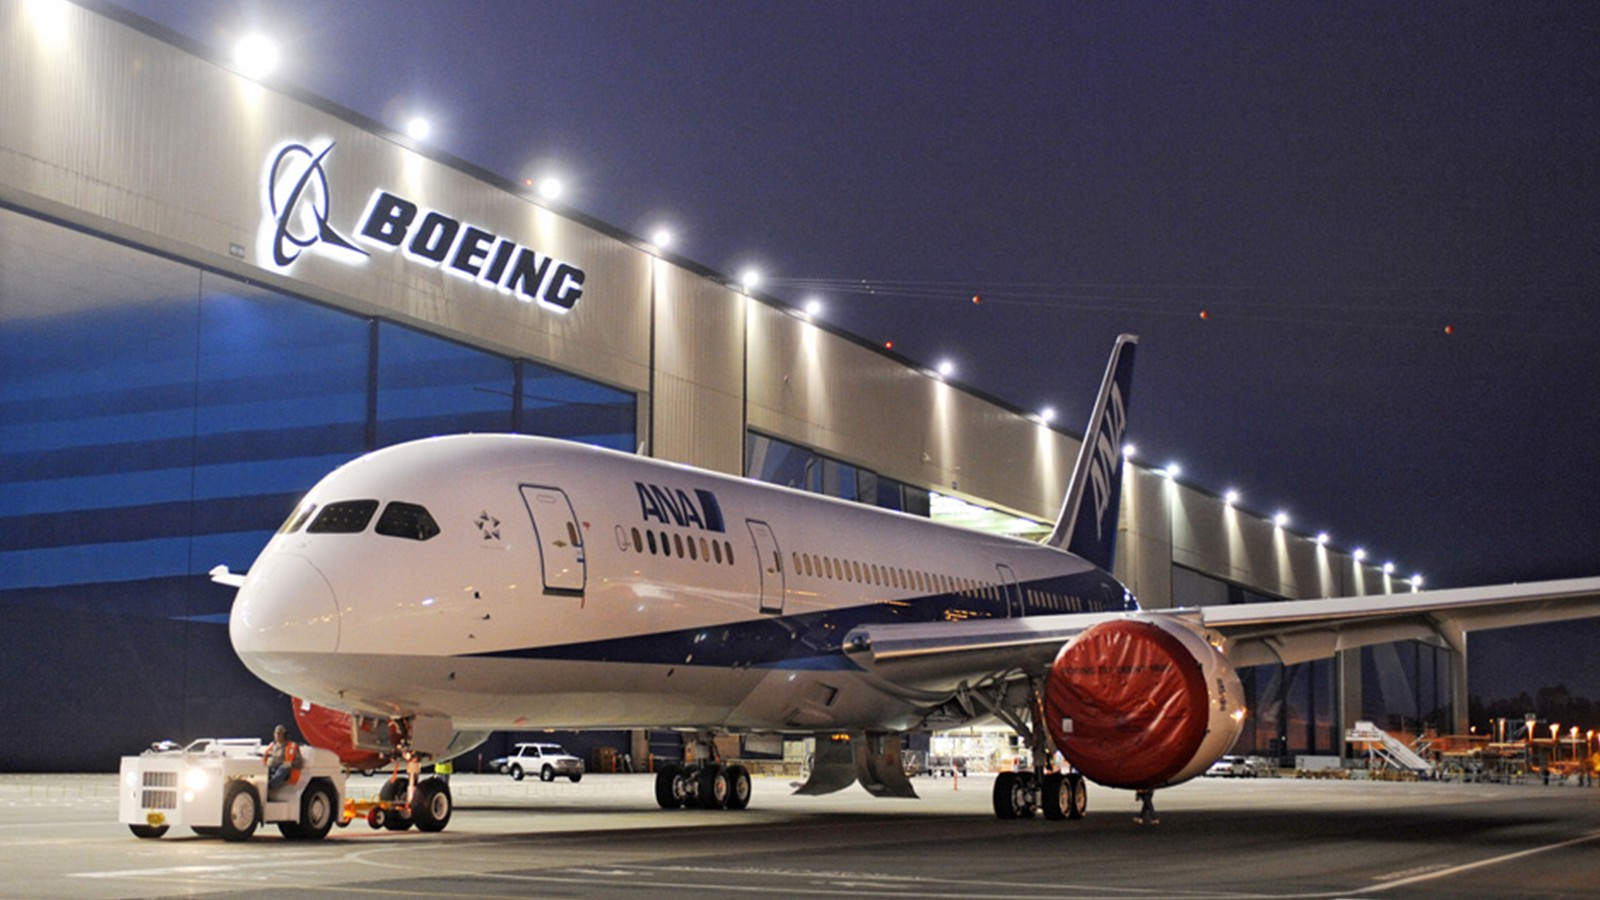 После авиакатастрофы в Эфиопии акции Boeing упали на 10%